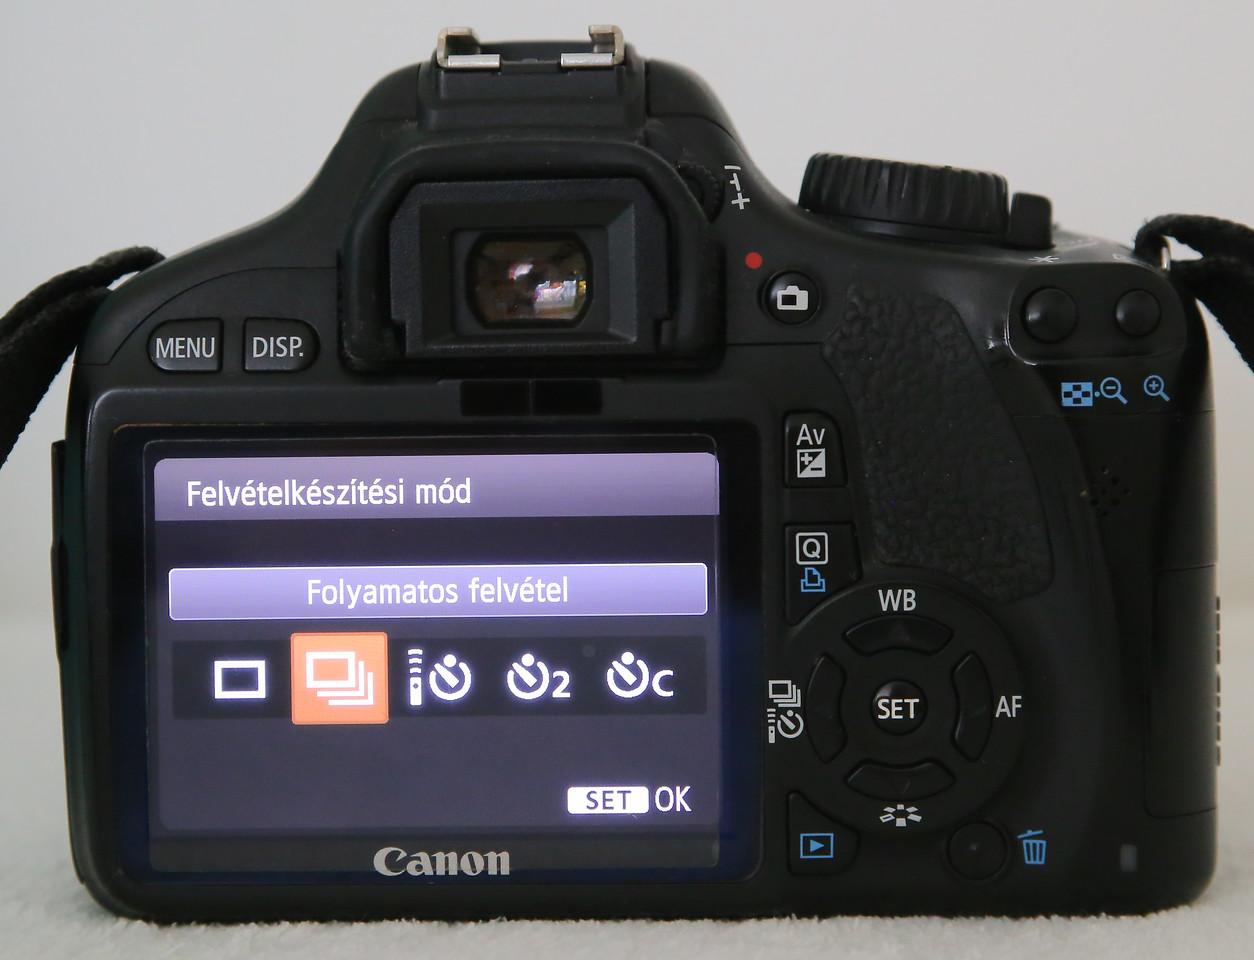 canon felvételkészítési módok